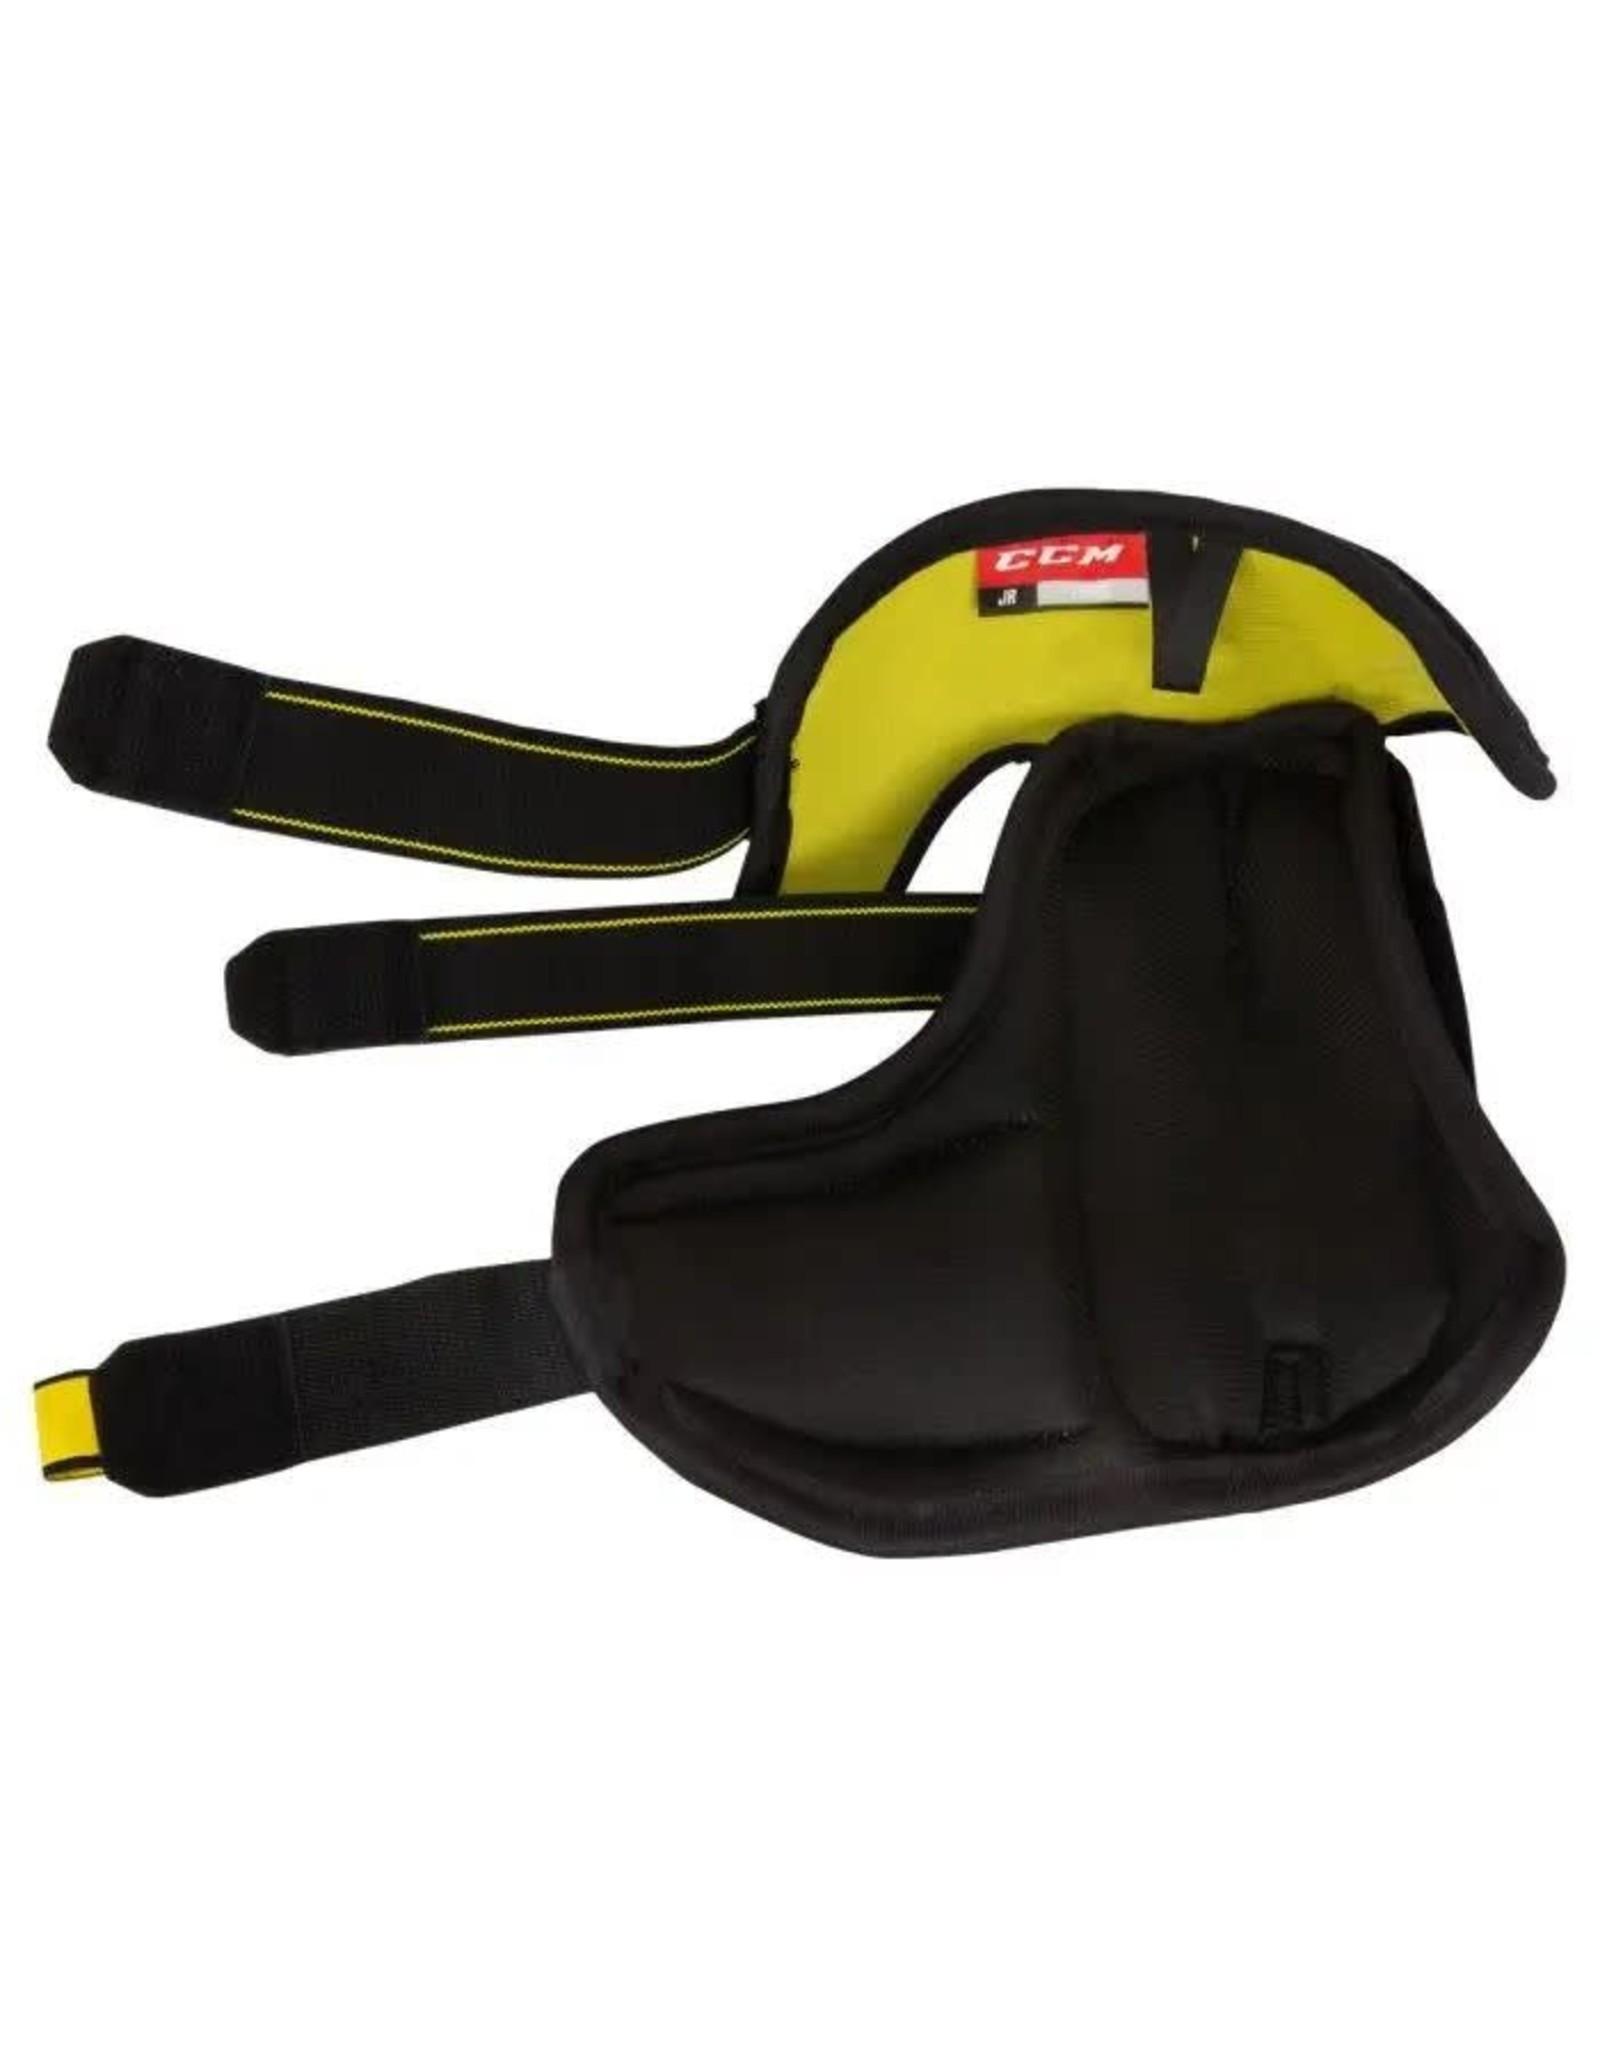 CCM Tacks 9040, Junior, Elbow Pads